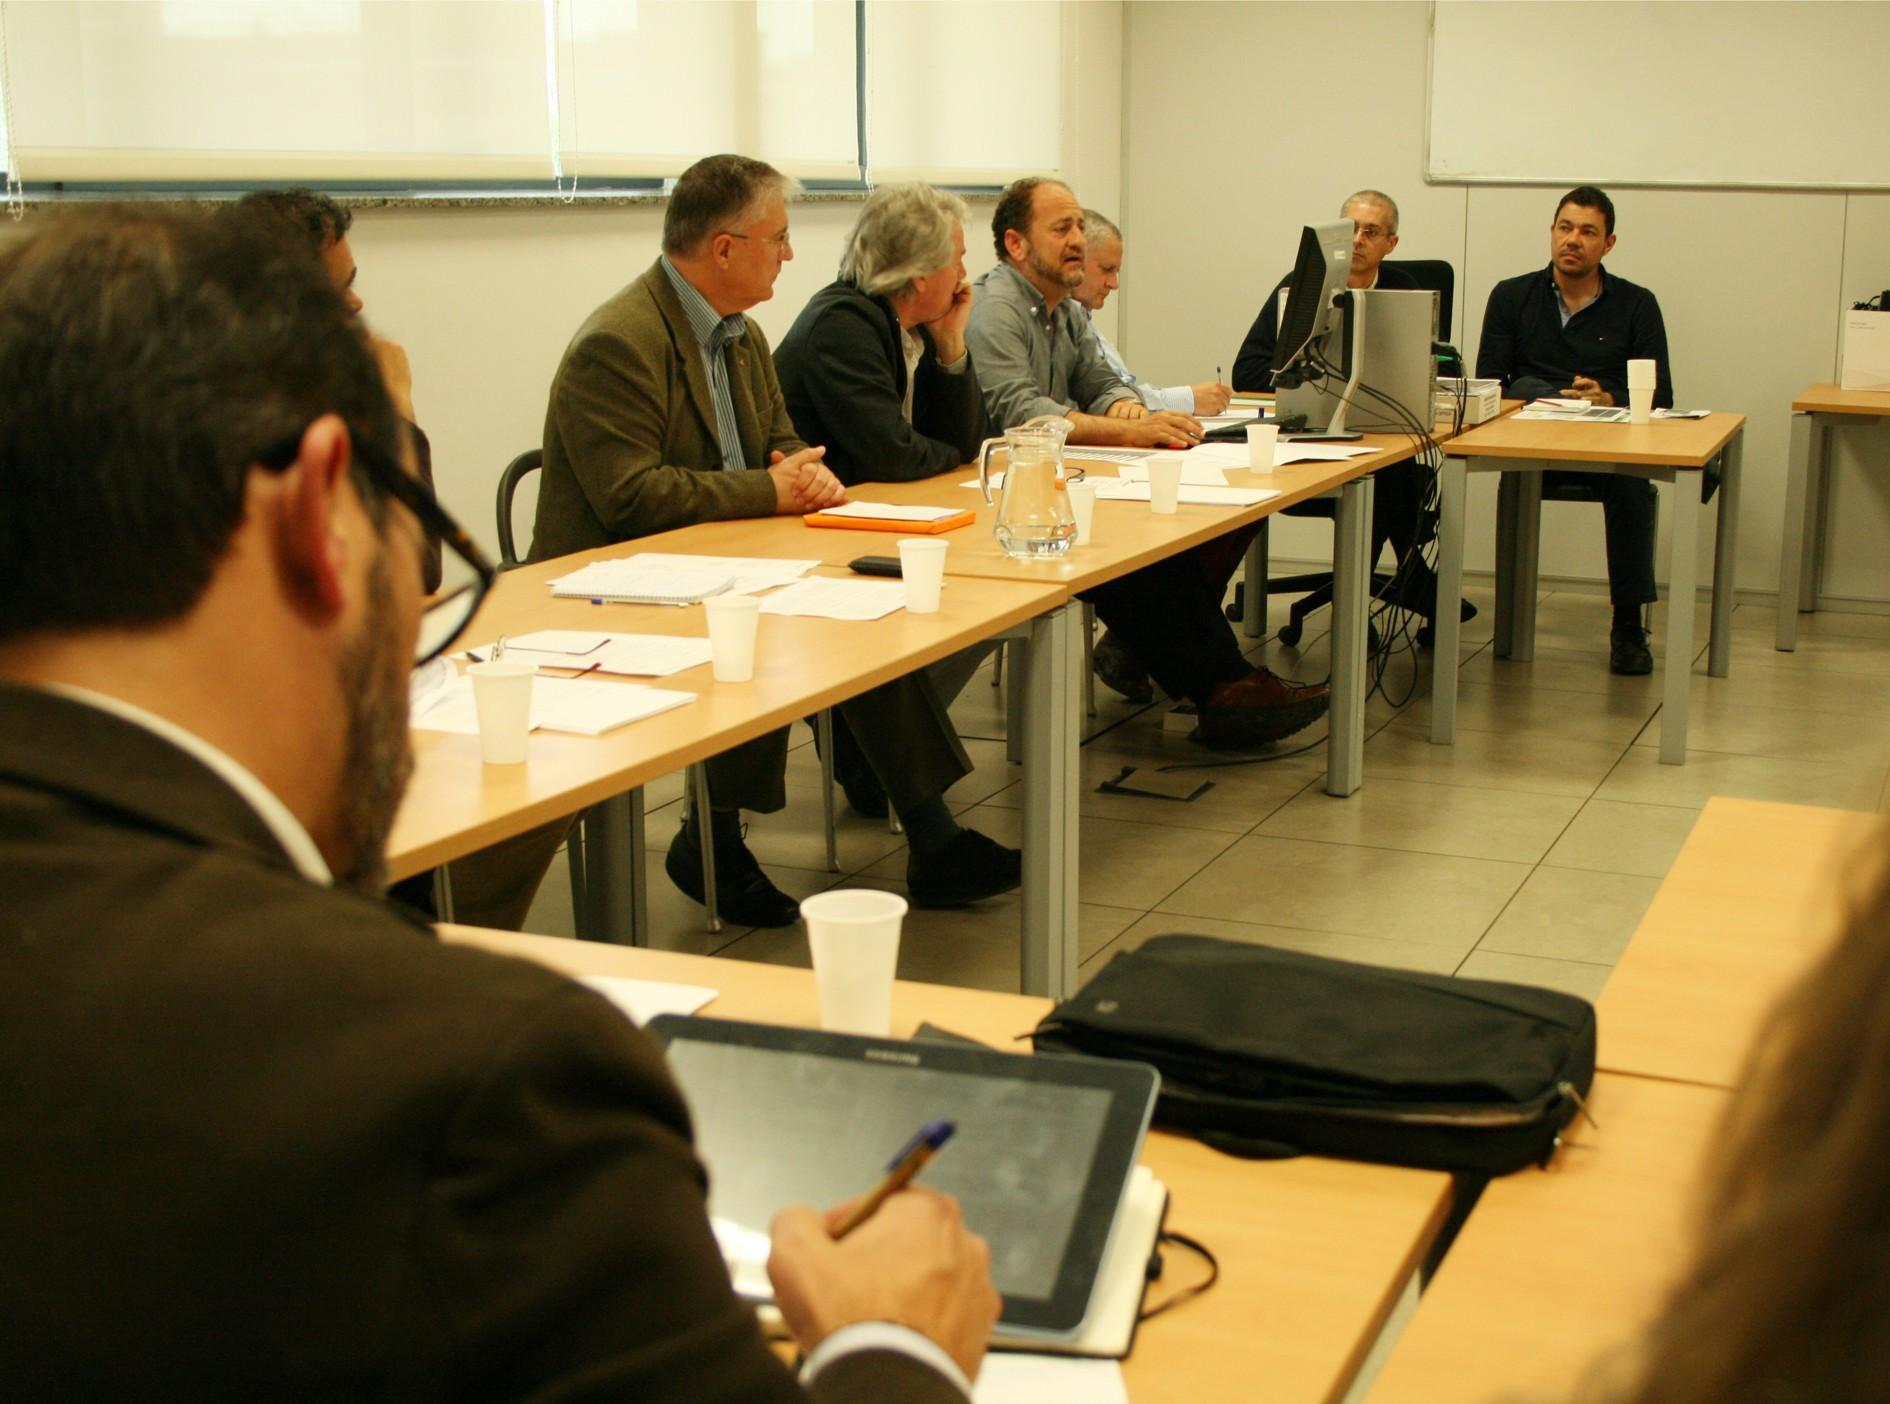 El viceconsejero de Fomento y Vivienda preside la mesa participativa prevista en el PAB.